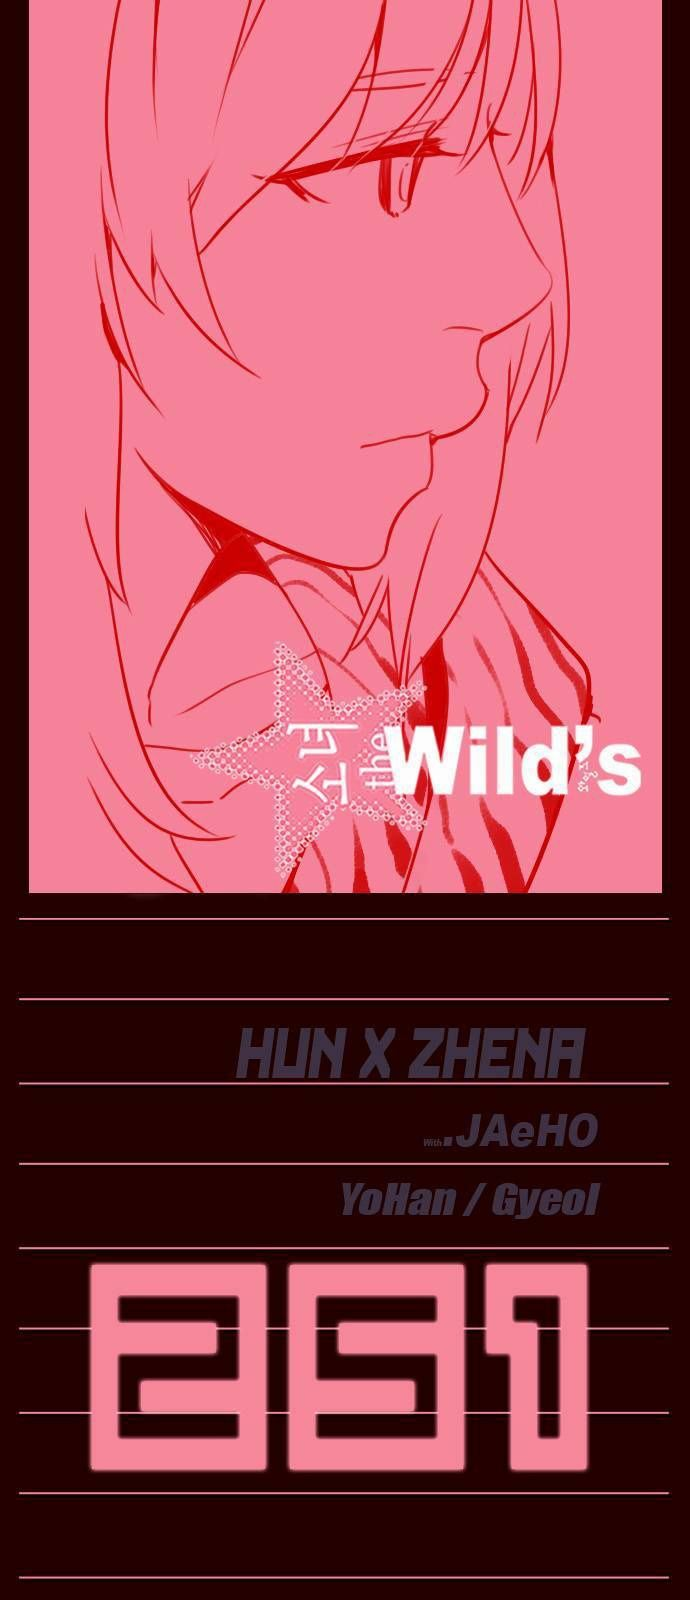 http://c5.ninemanga.com/es_manga/pic2/32/416/498986/9615ea4b6f188dd196b6eea0965f539e.jpg Page 2